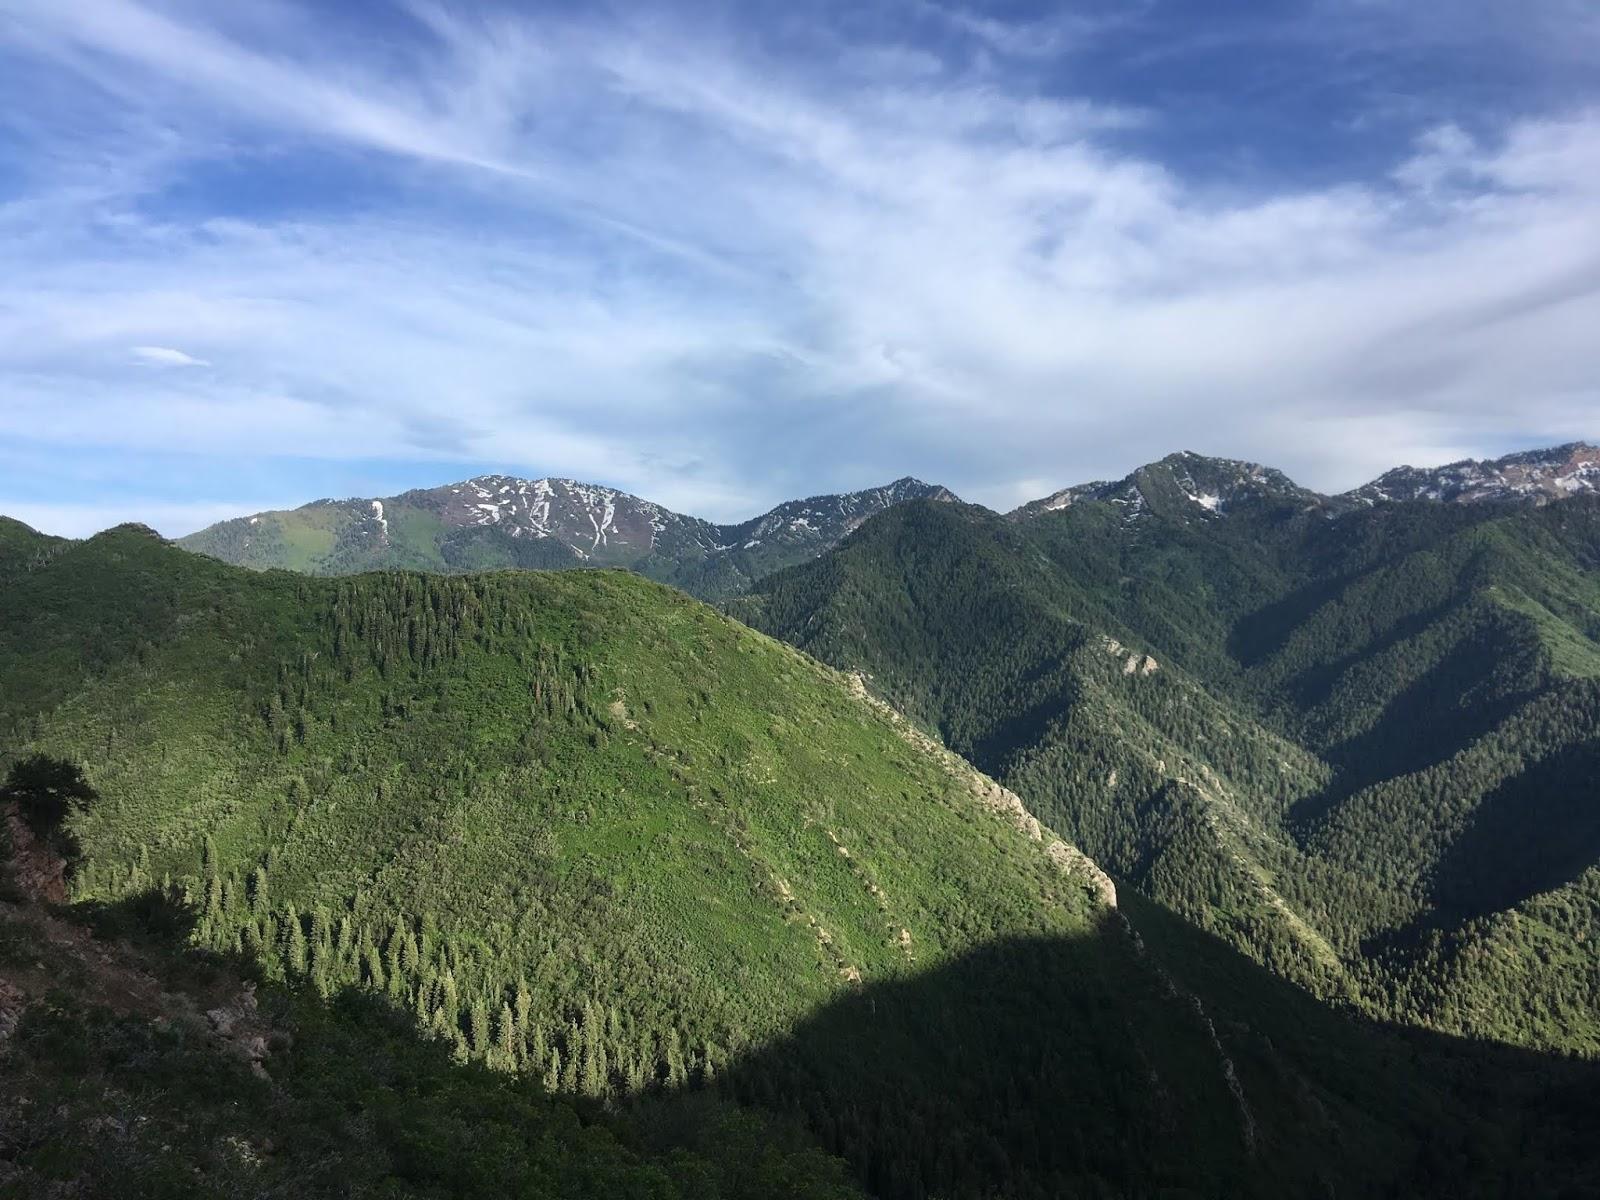 Hiking to Grandeur Peak